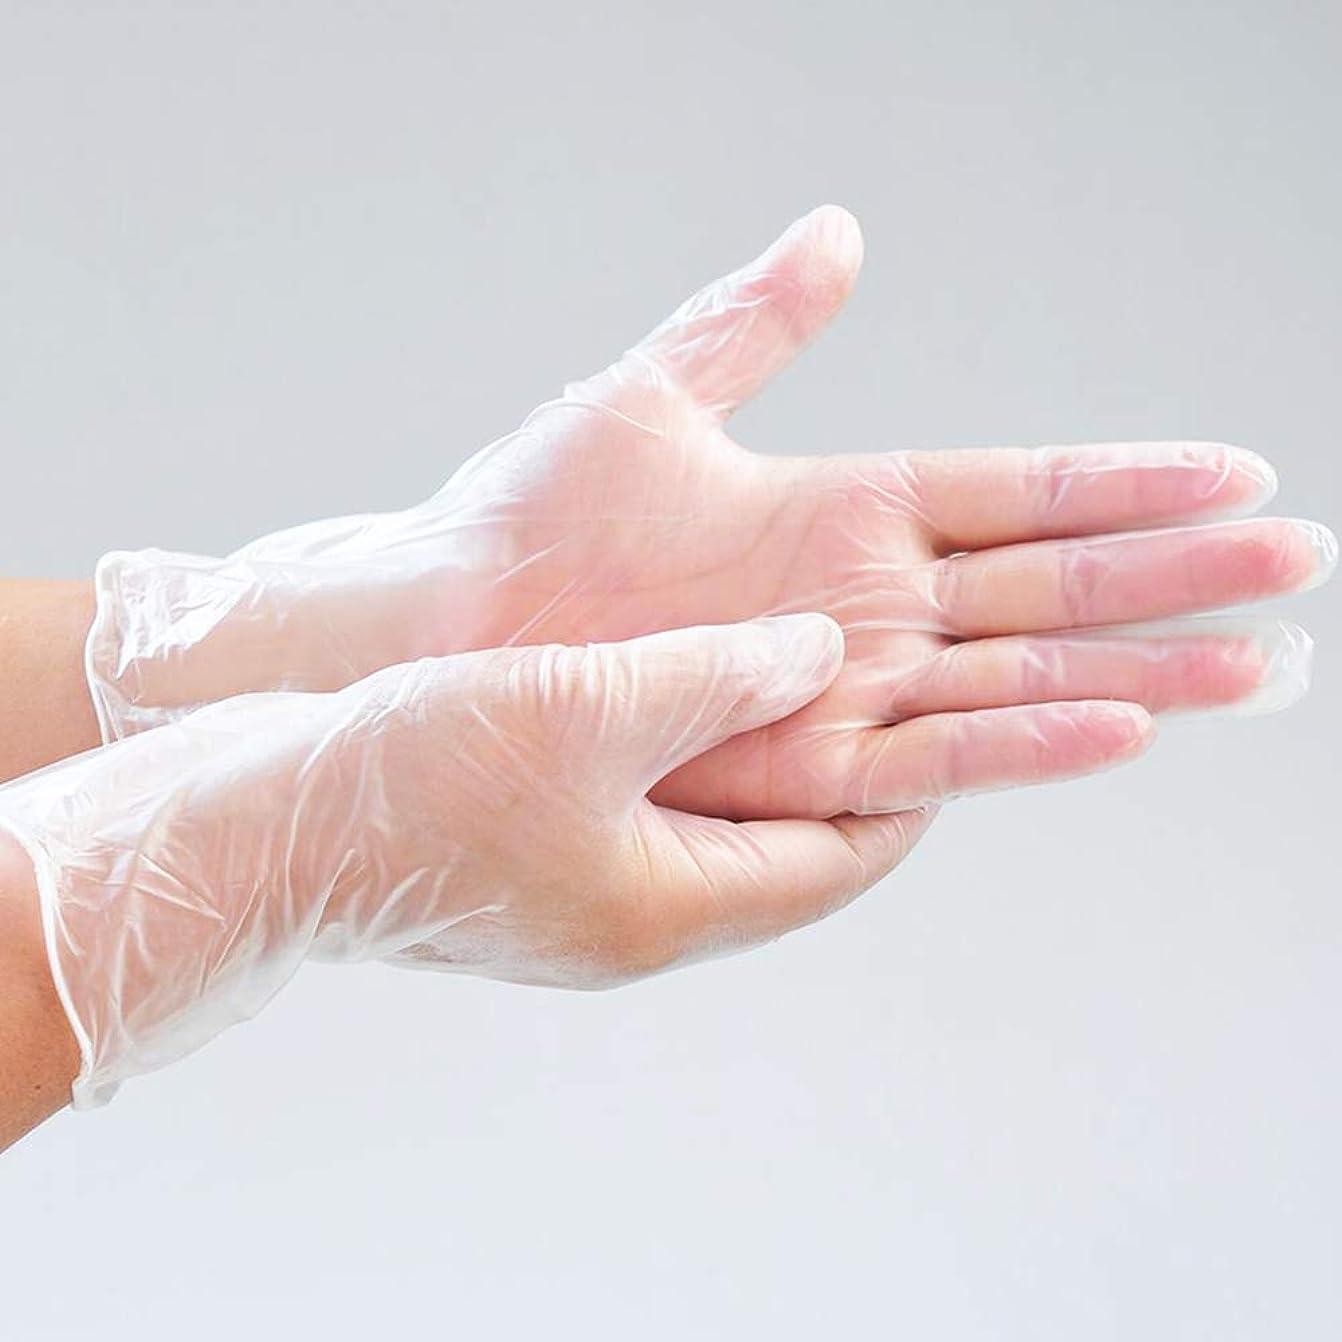 節約全滅させる環境OWSOO 使い捨てグローブ 使い捨て透明PVC手袋 パウダーフリー 肥厚 防水用 実用 衛生 使い捨て手袋 高温抵抗 引張抵抗 実験室 歯科 炊事 家事 バーベキュー ケータリング ホーム用 透明 100ピース L